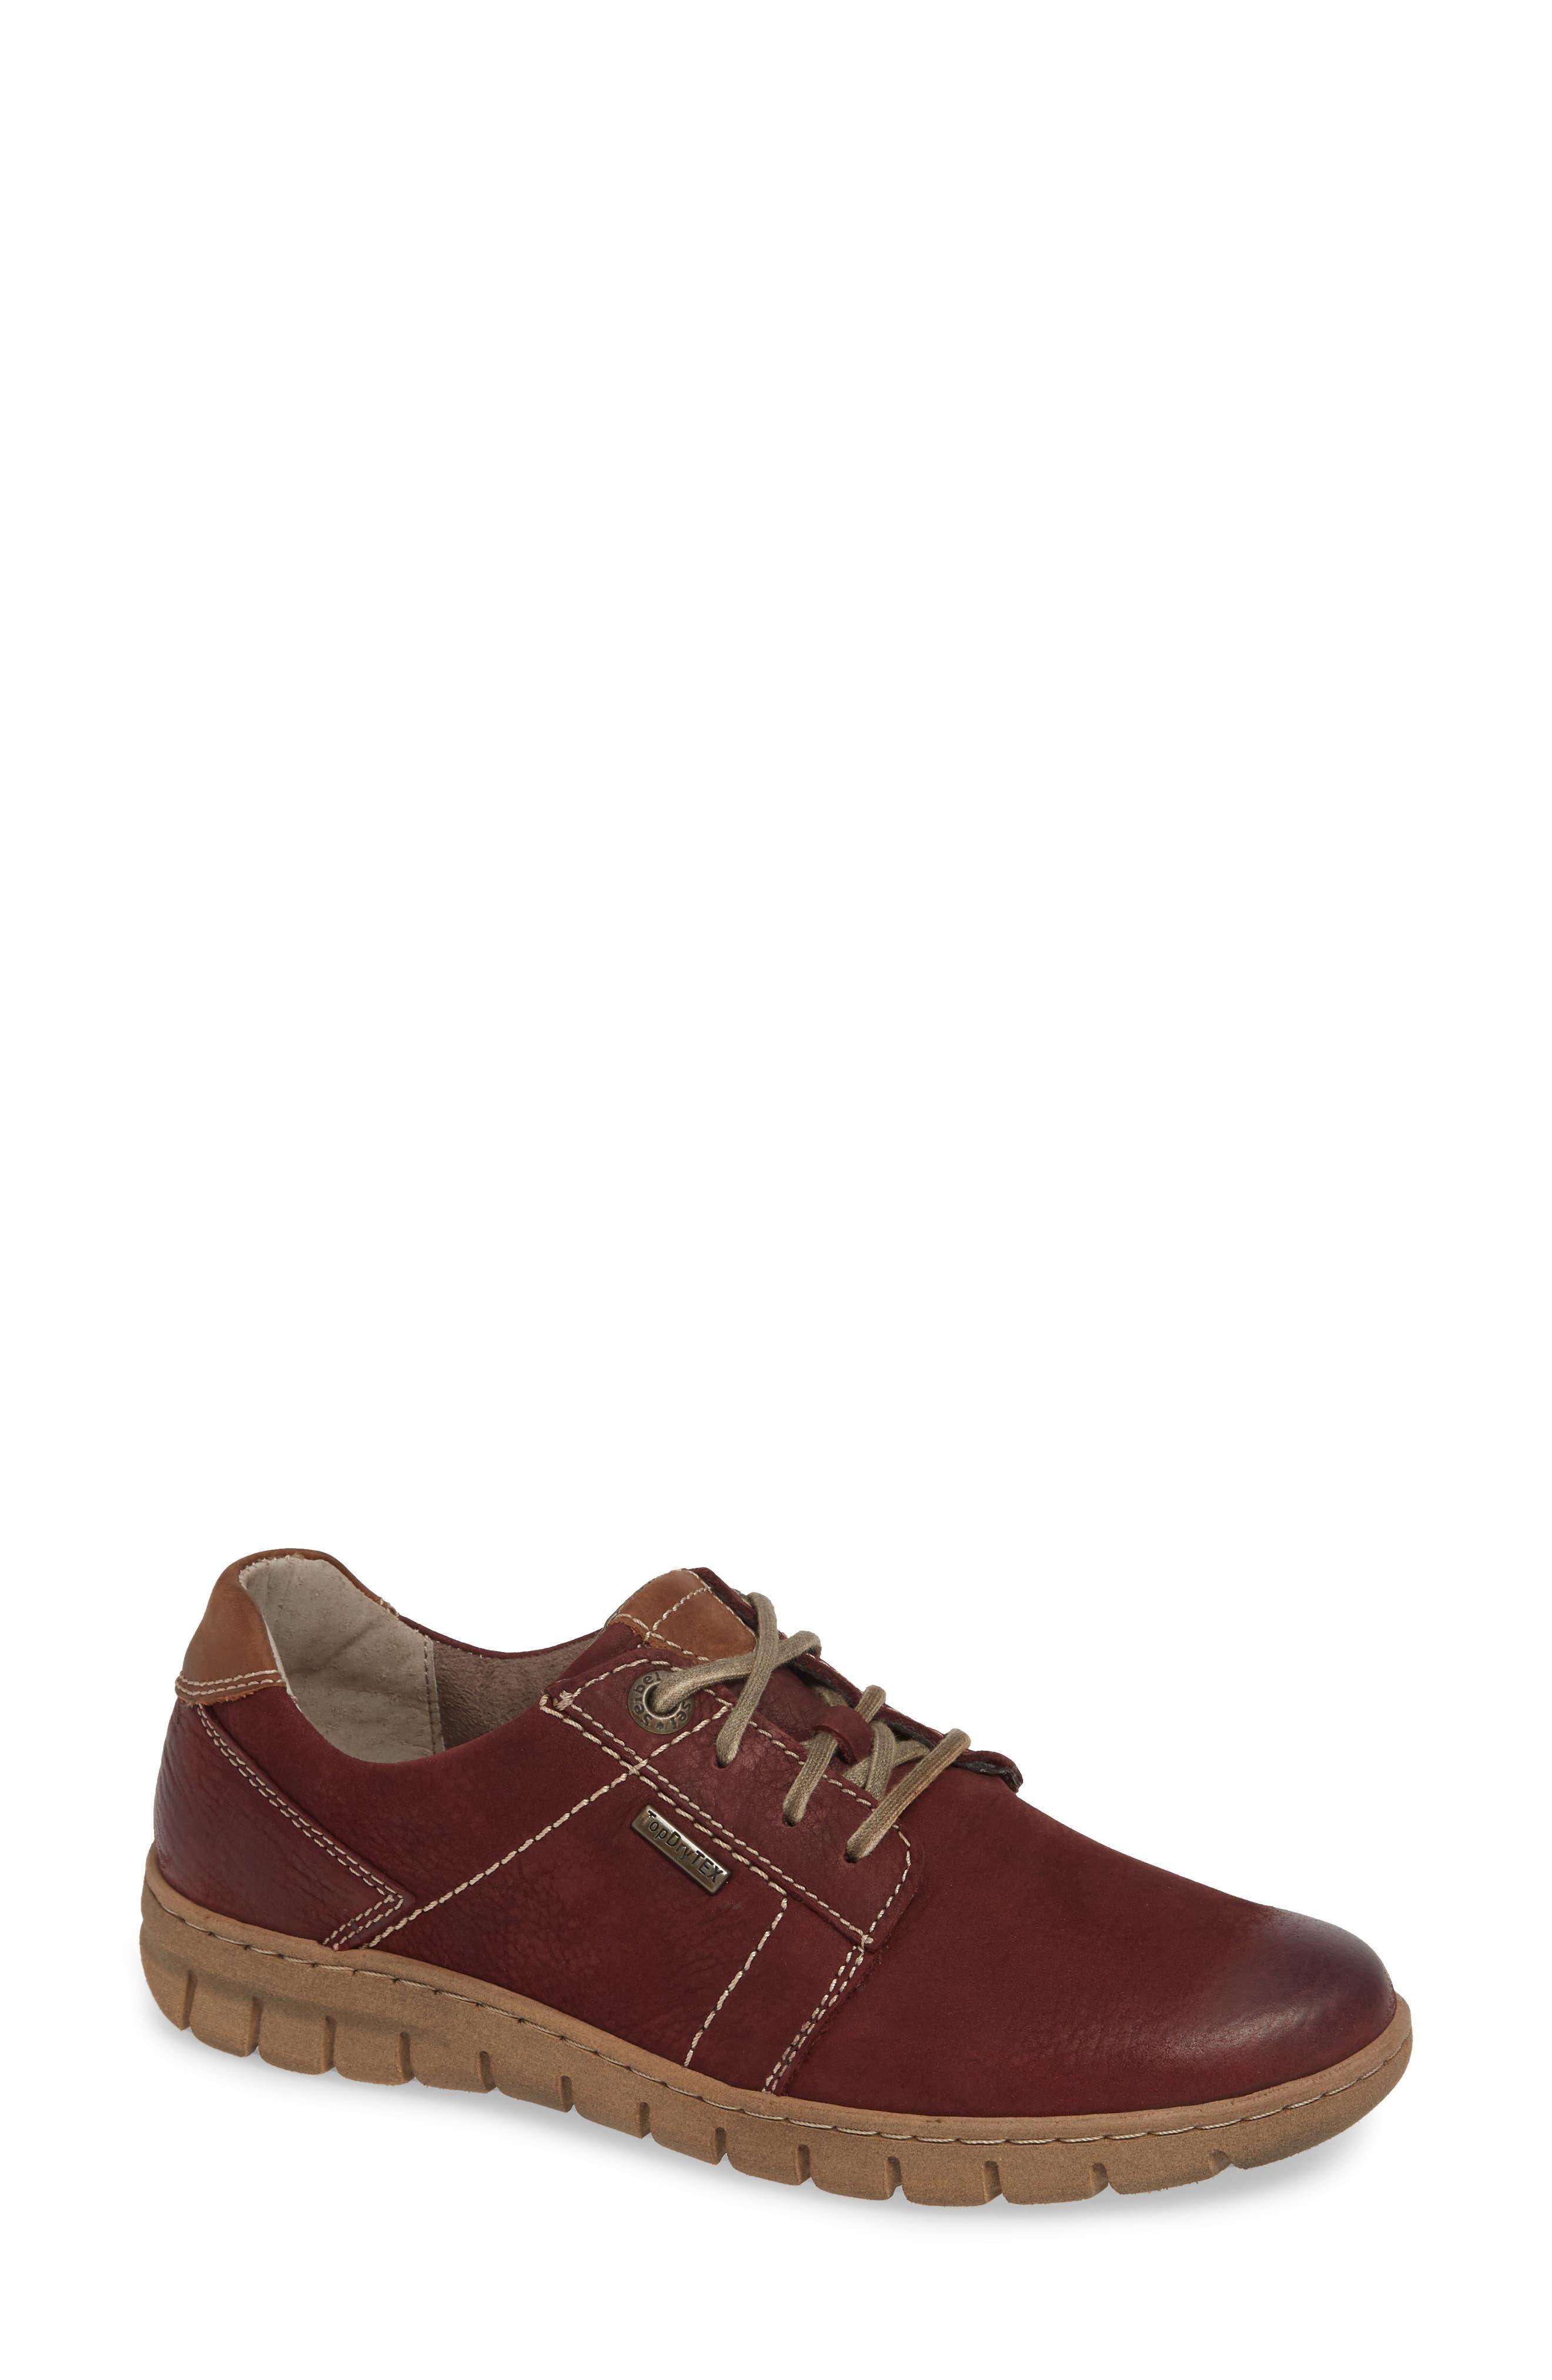 Josef Seibel 59 Waterproof Sneaker, Red